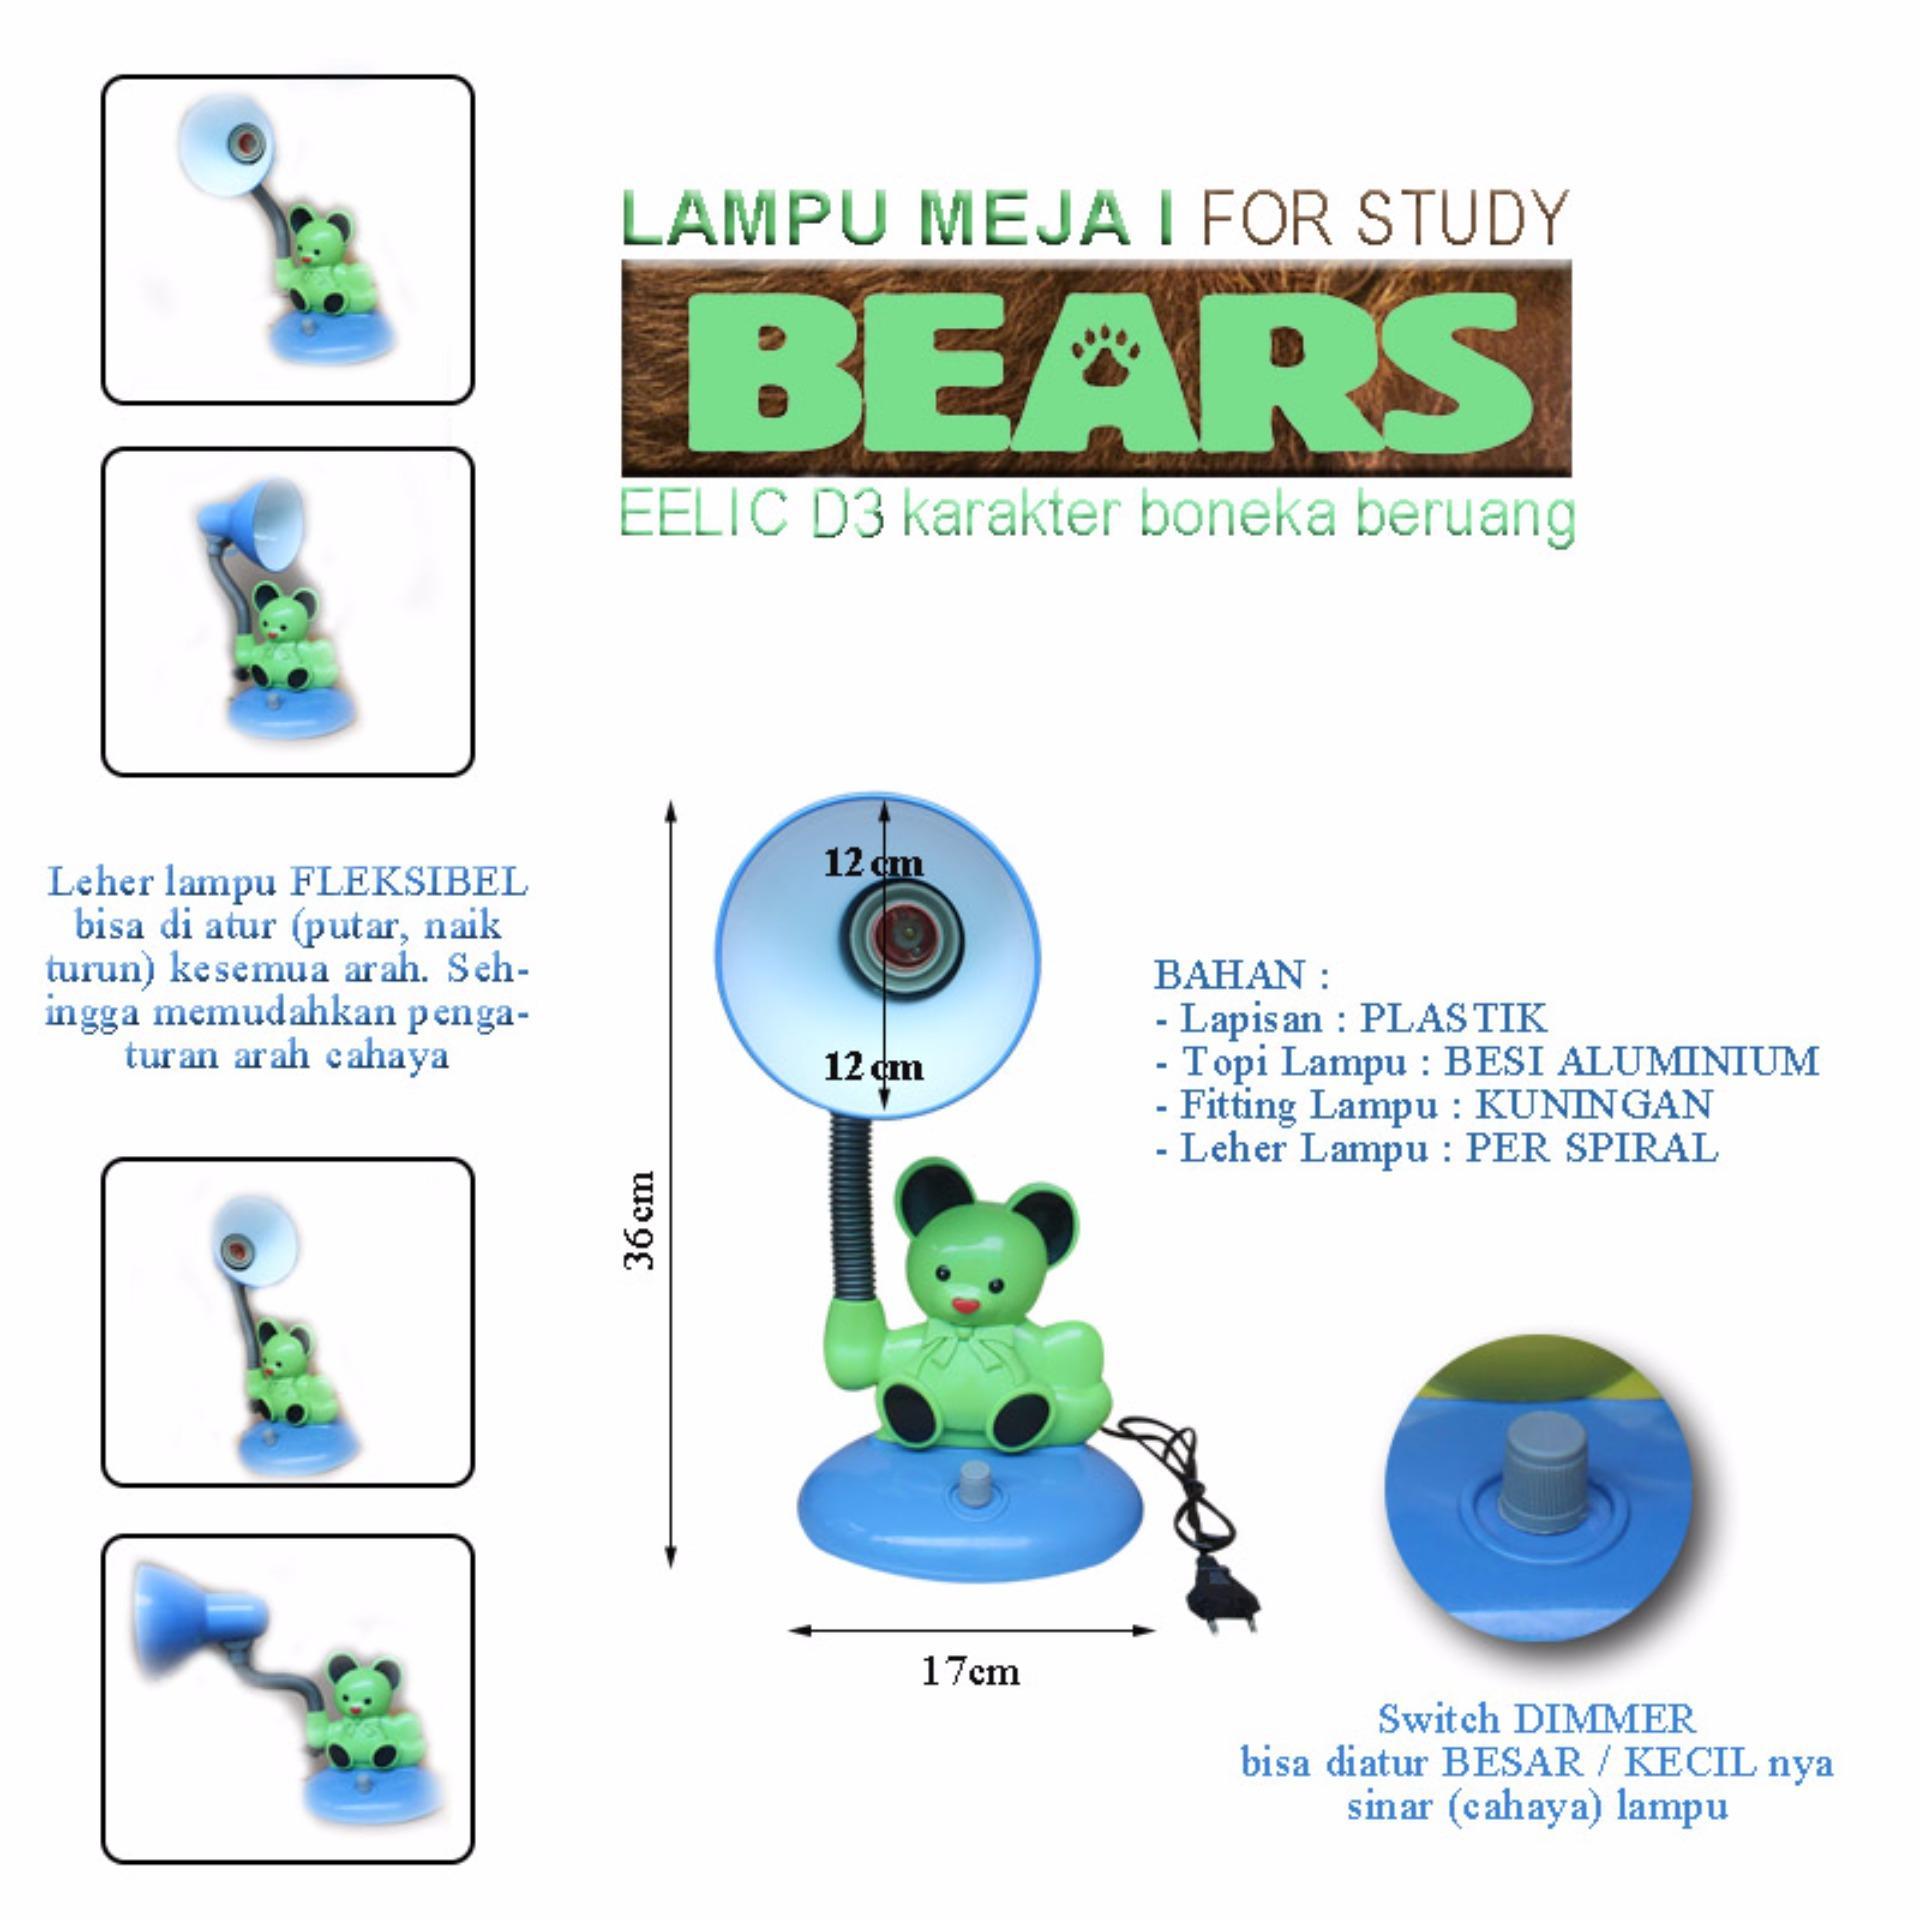 EELIC JM D3 Lampu Meja Belajar Hemat Energi Karakter Boneka Beruang Sinar Sempurna .